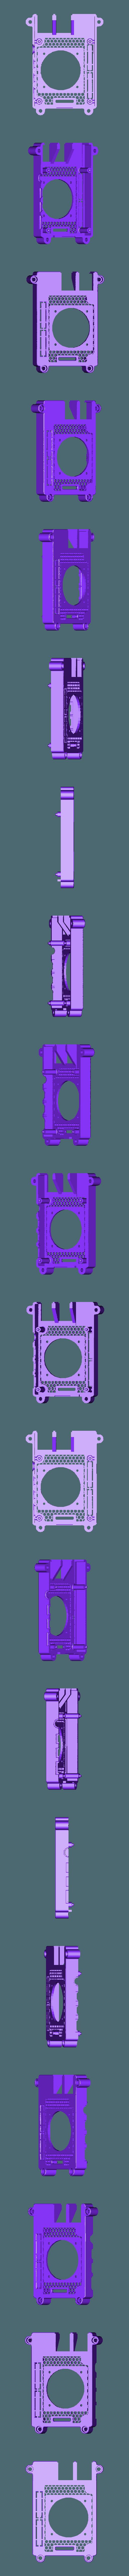 STANDARD_40MM_SLOTTED.STL Télécharger fichier STL gratuit Étui Pi 4B Framboise Framboise • Objet pour imprimante 3D, mkellsy